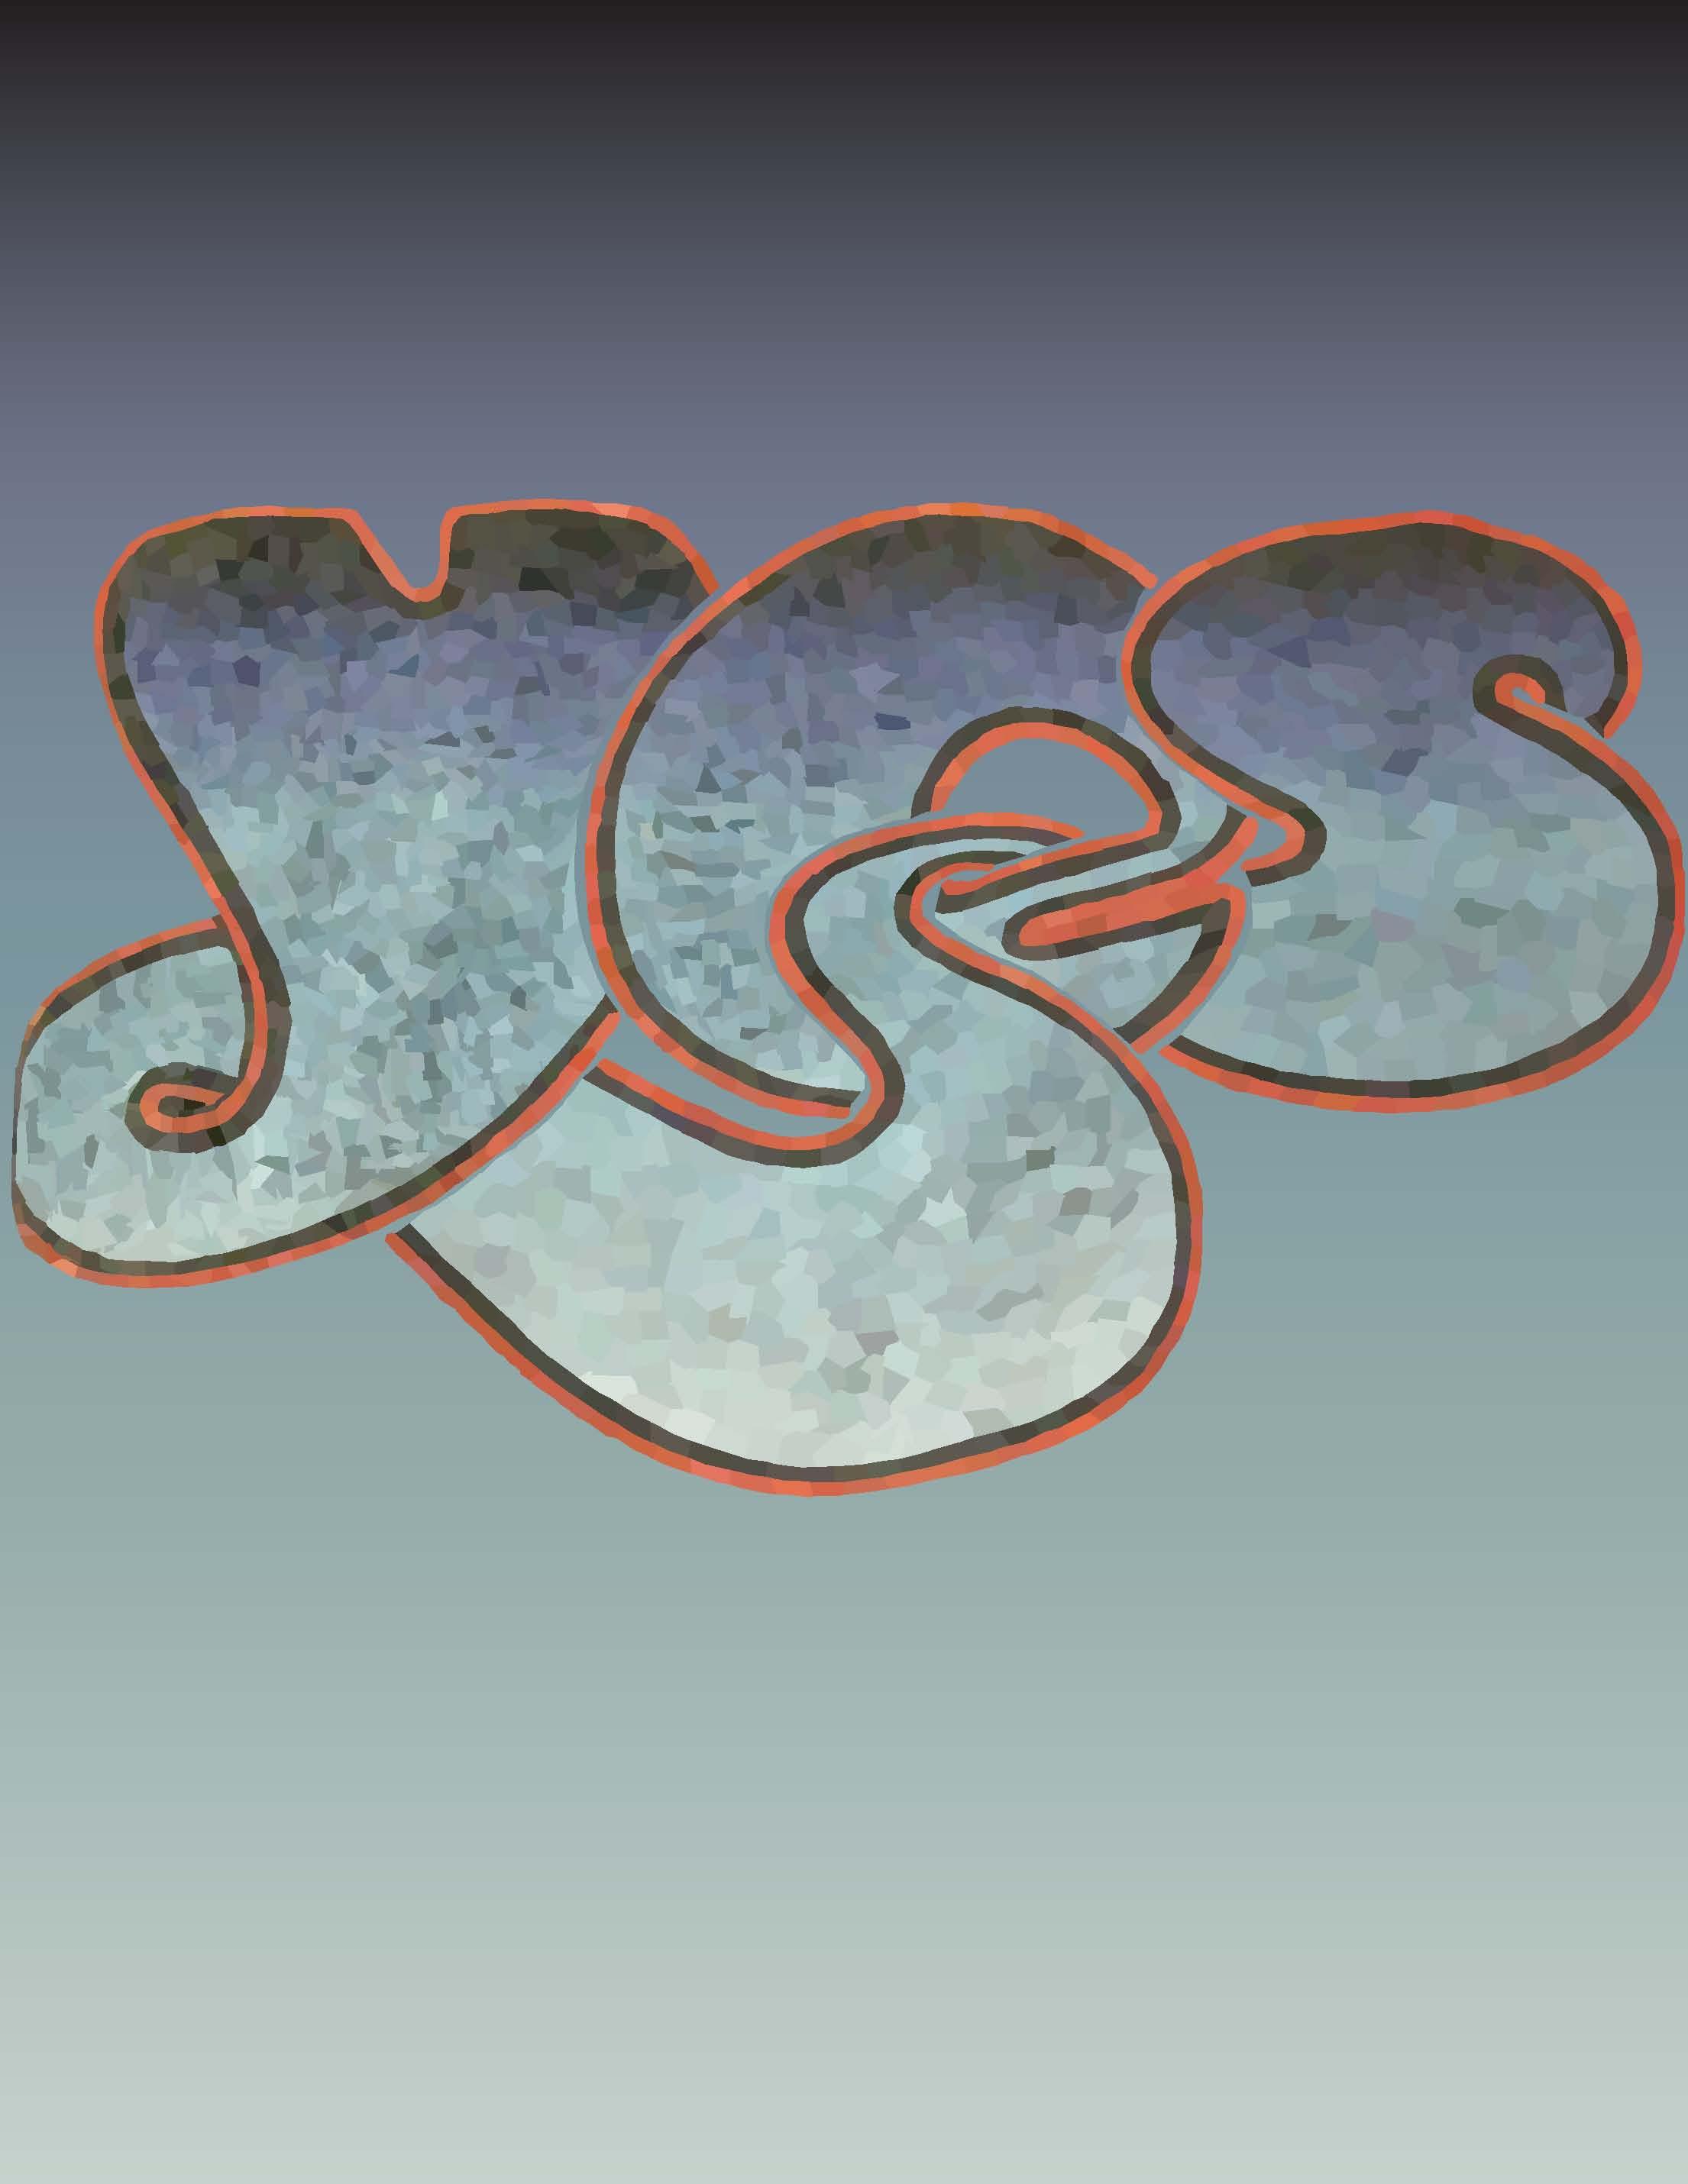 Yes Band Logo by DoomsayerVortex on DeviantArt